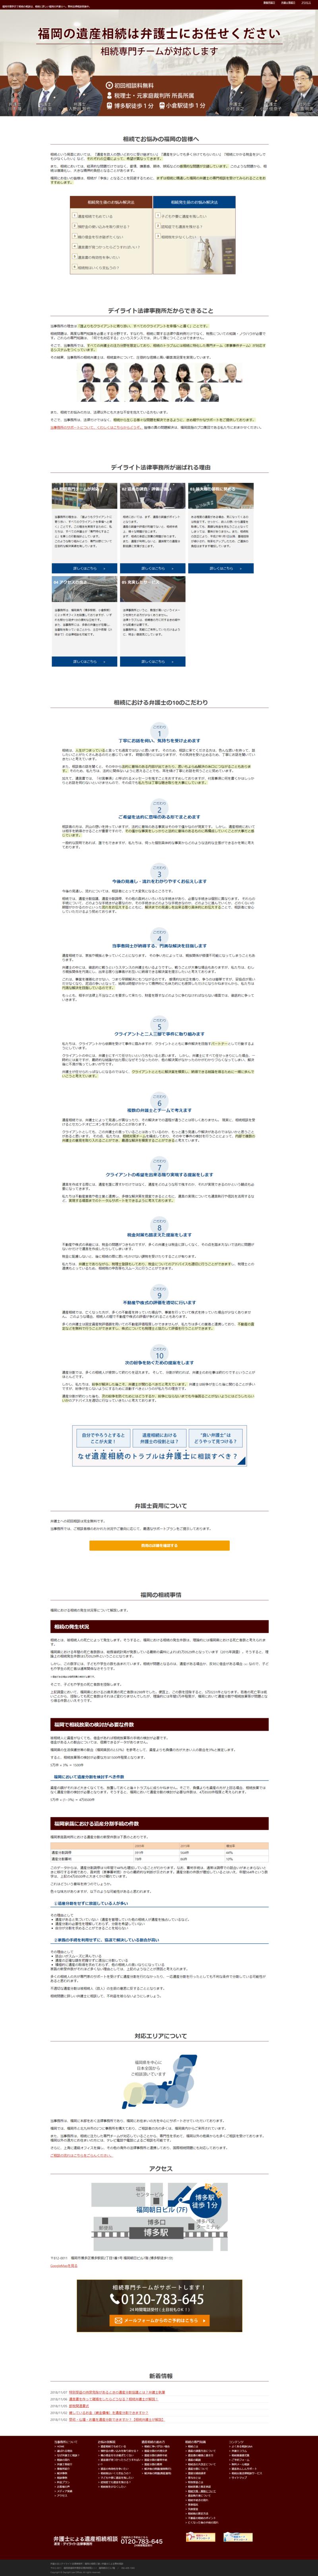 福岡の相続・遺産分割に強い弁護士による無料相談【デイライト法律事務所】